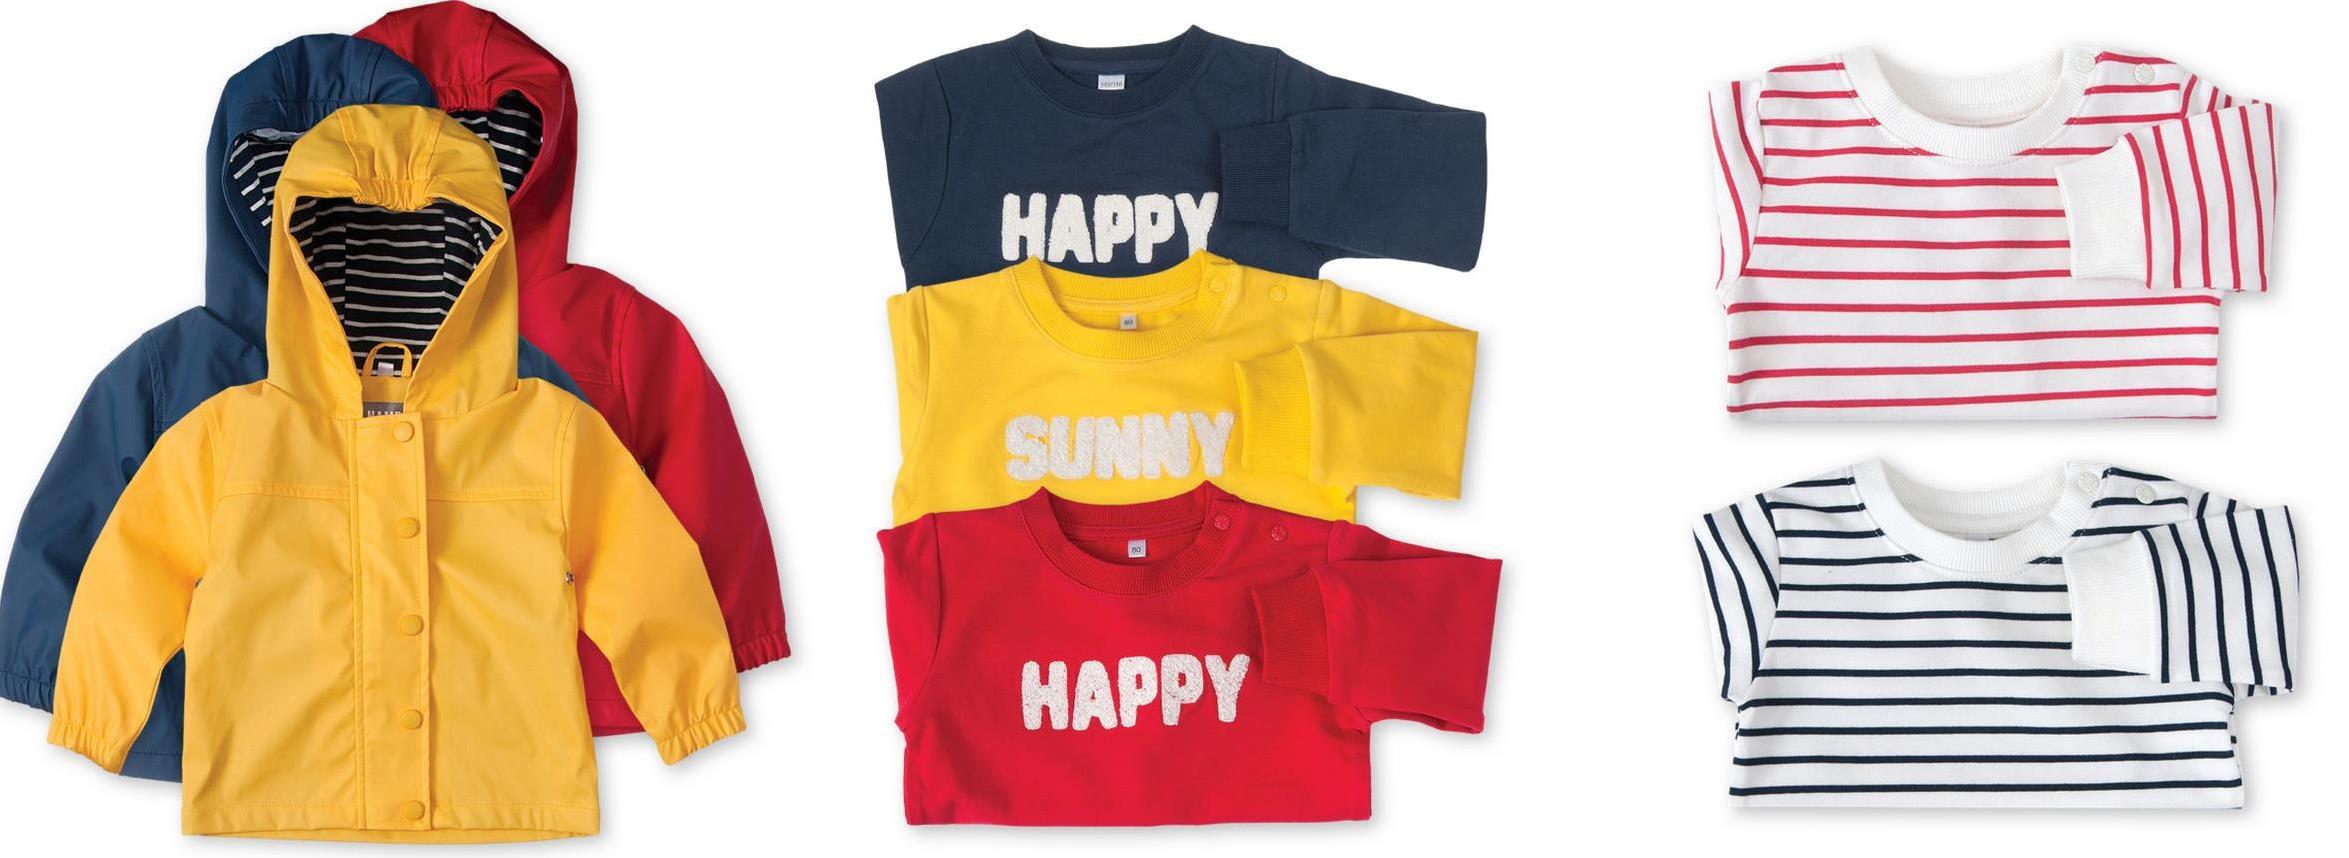 HAPPY SUNN HAPPY